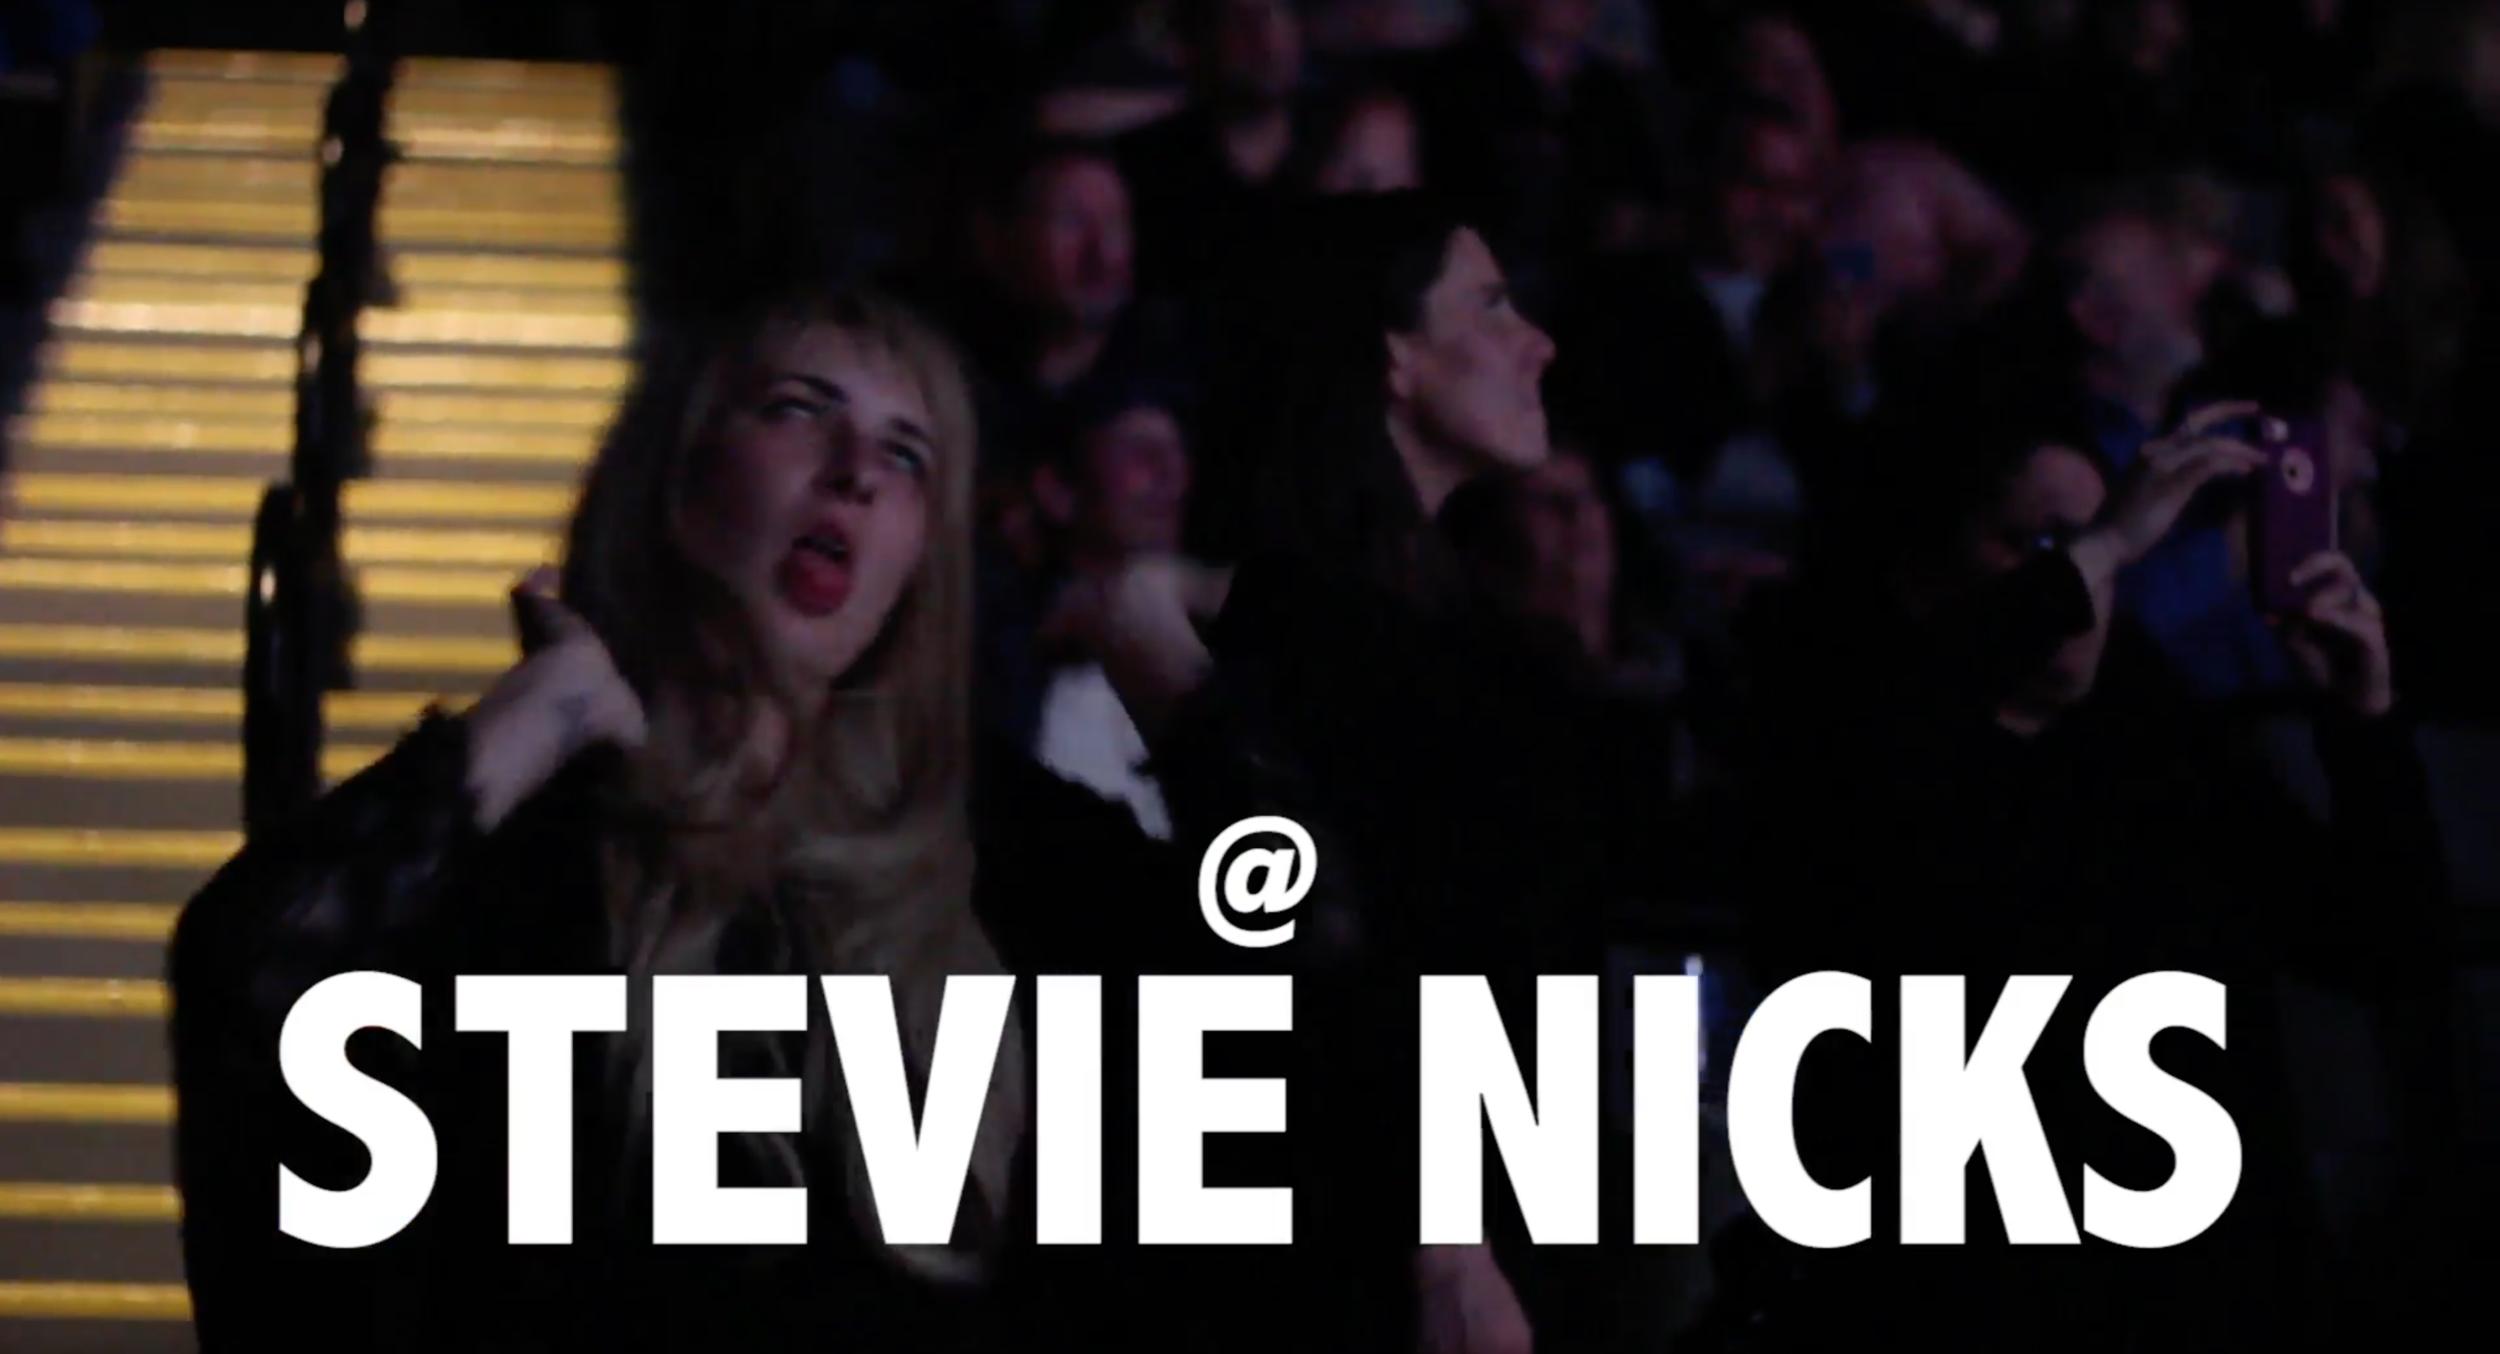 Panic @ Stevie Nicks